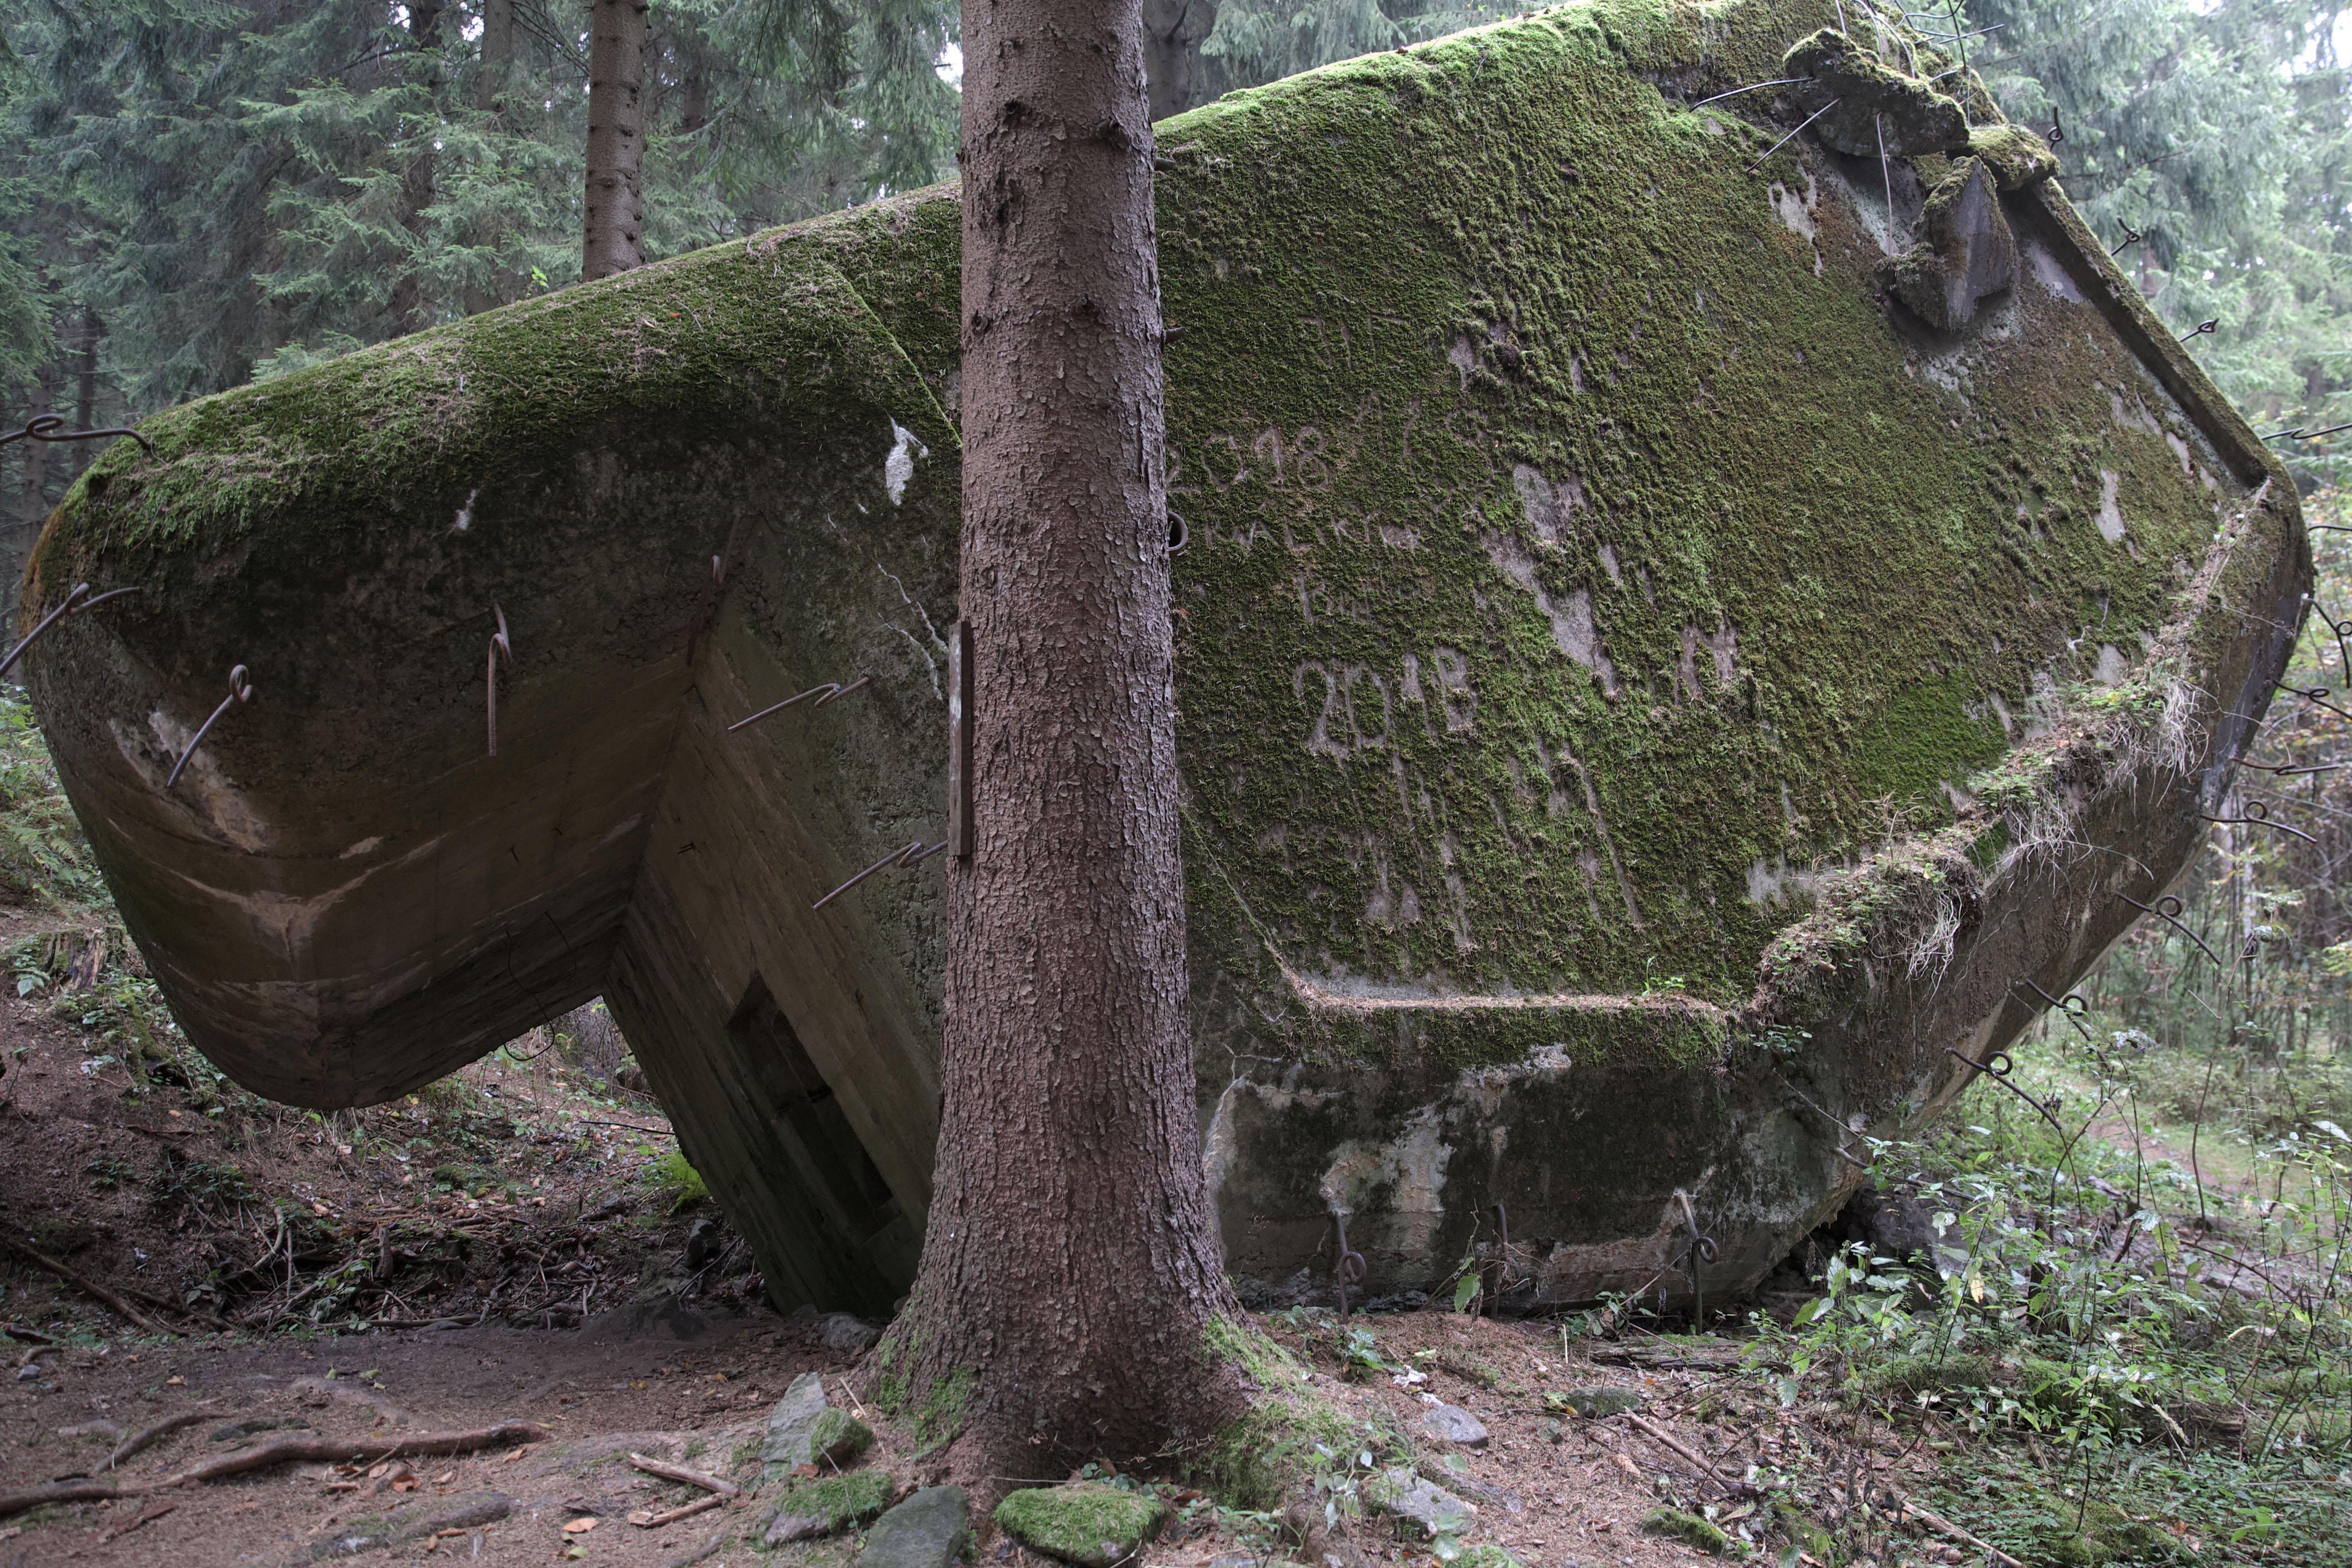 Ржопик, поврежденный крупнокалиберным снарядом. Чешские оборонительные сооружения использовались после захвата Судет как испытательный полигон немецкой артиллерии